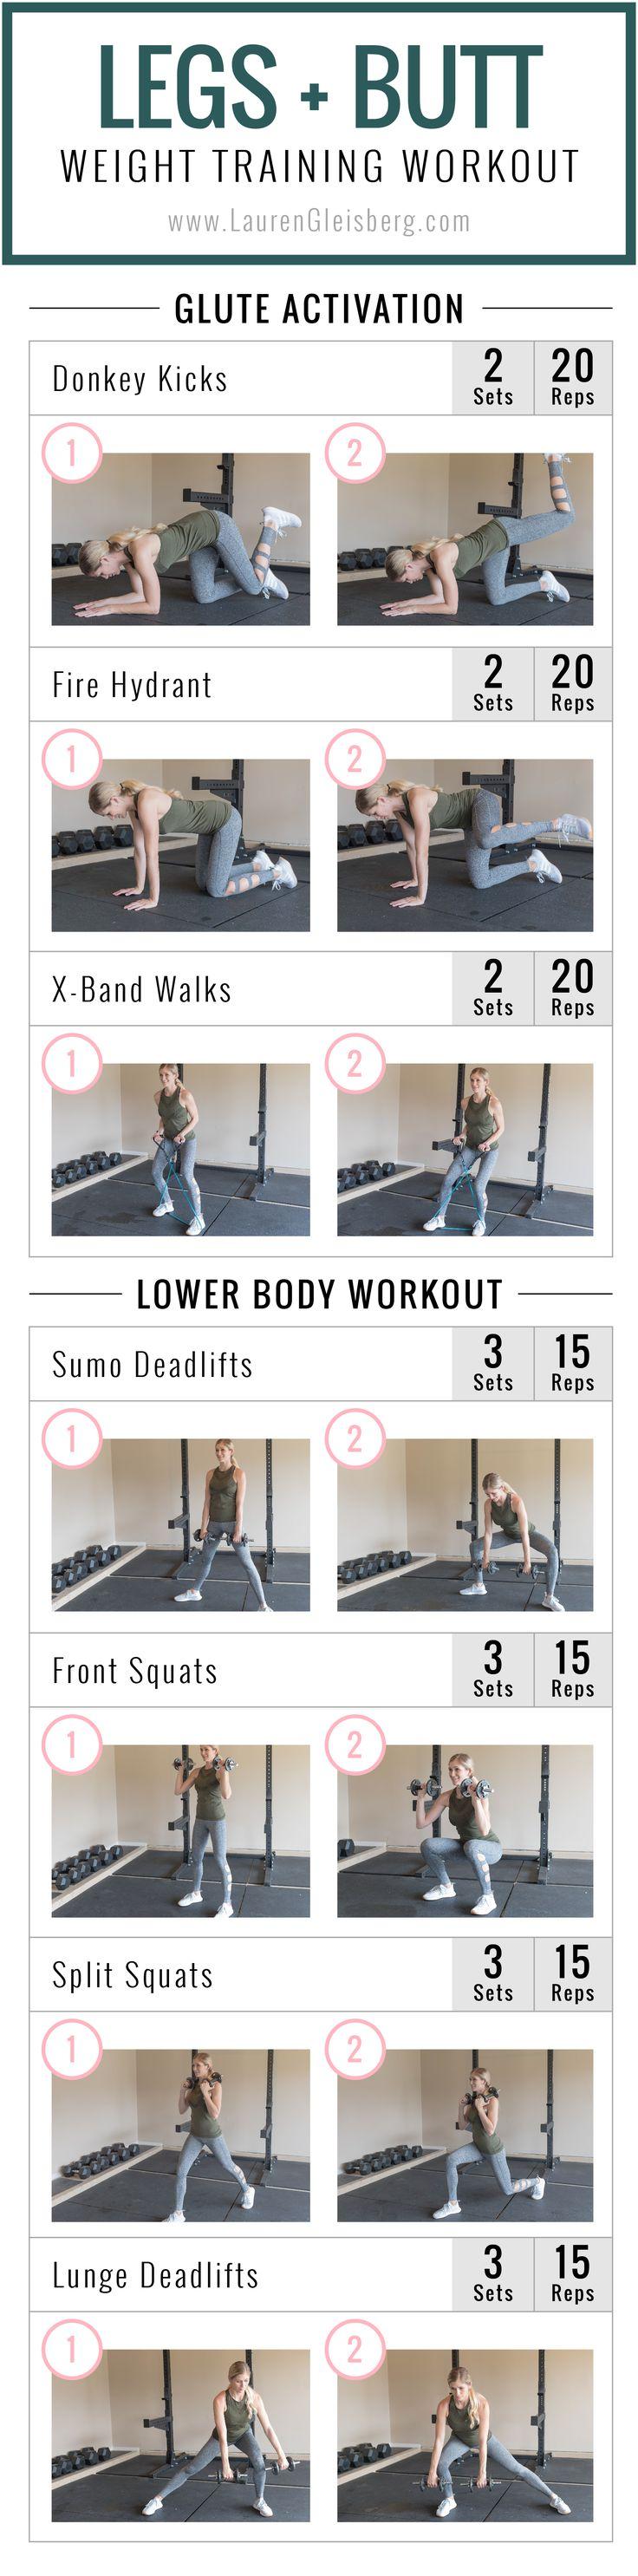 LEG + BUTT WORKOUT   Fitmas Challenge Week 2 Day 2 by LaurenGleisberg.com